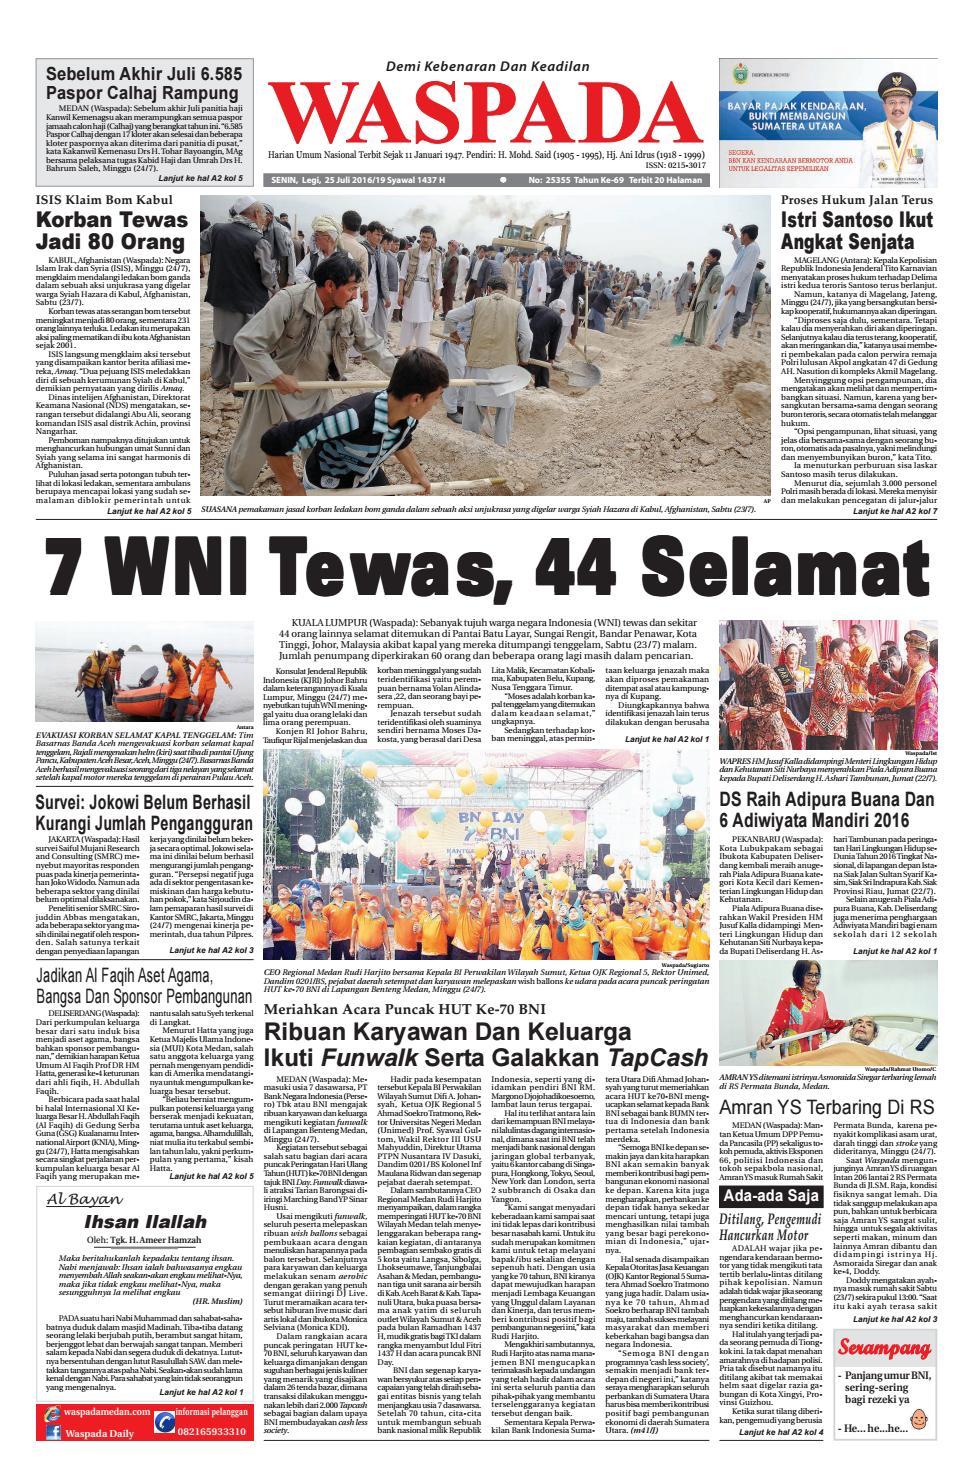 Waspada, senin 23 juli 2016 by Harian Waspada - issuu